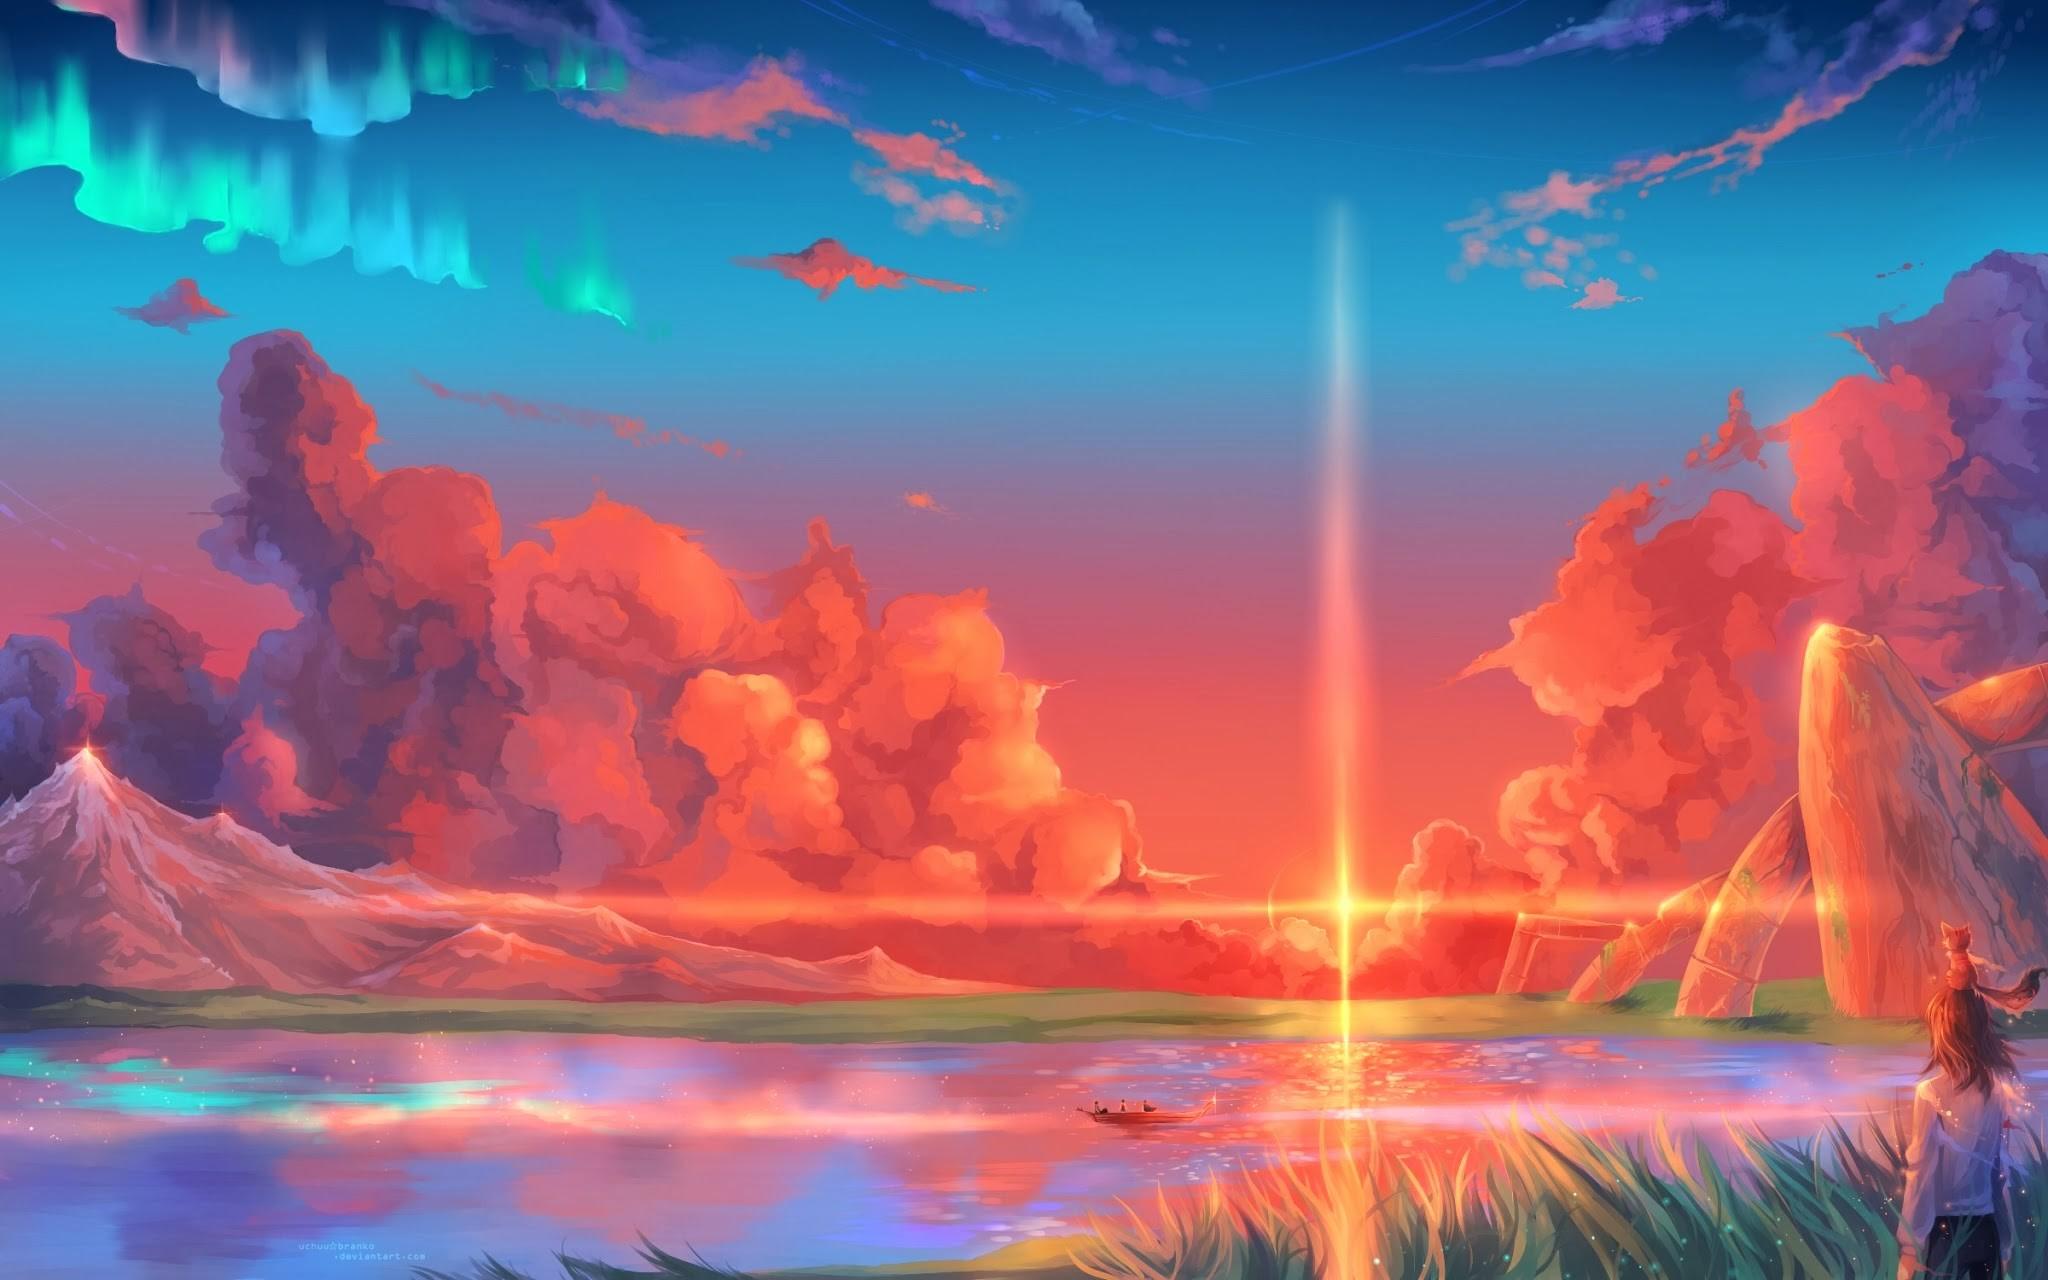 добавляем картинки фантастическое небо гиф брат вынужден довольствоваться